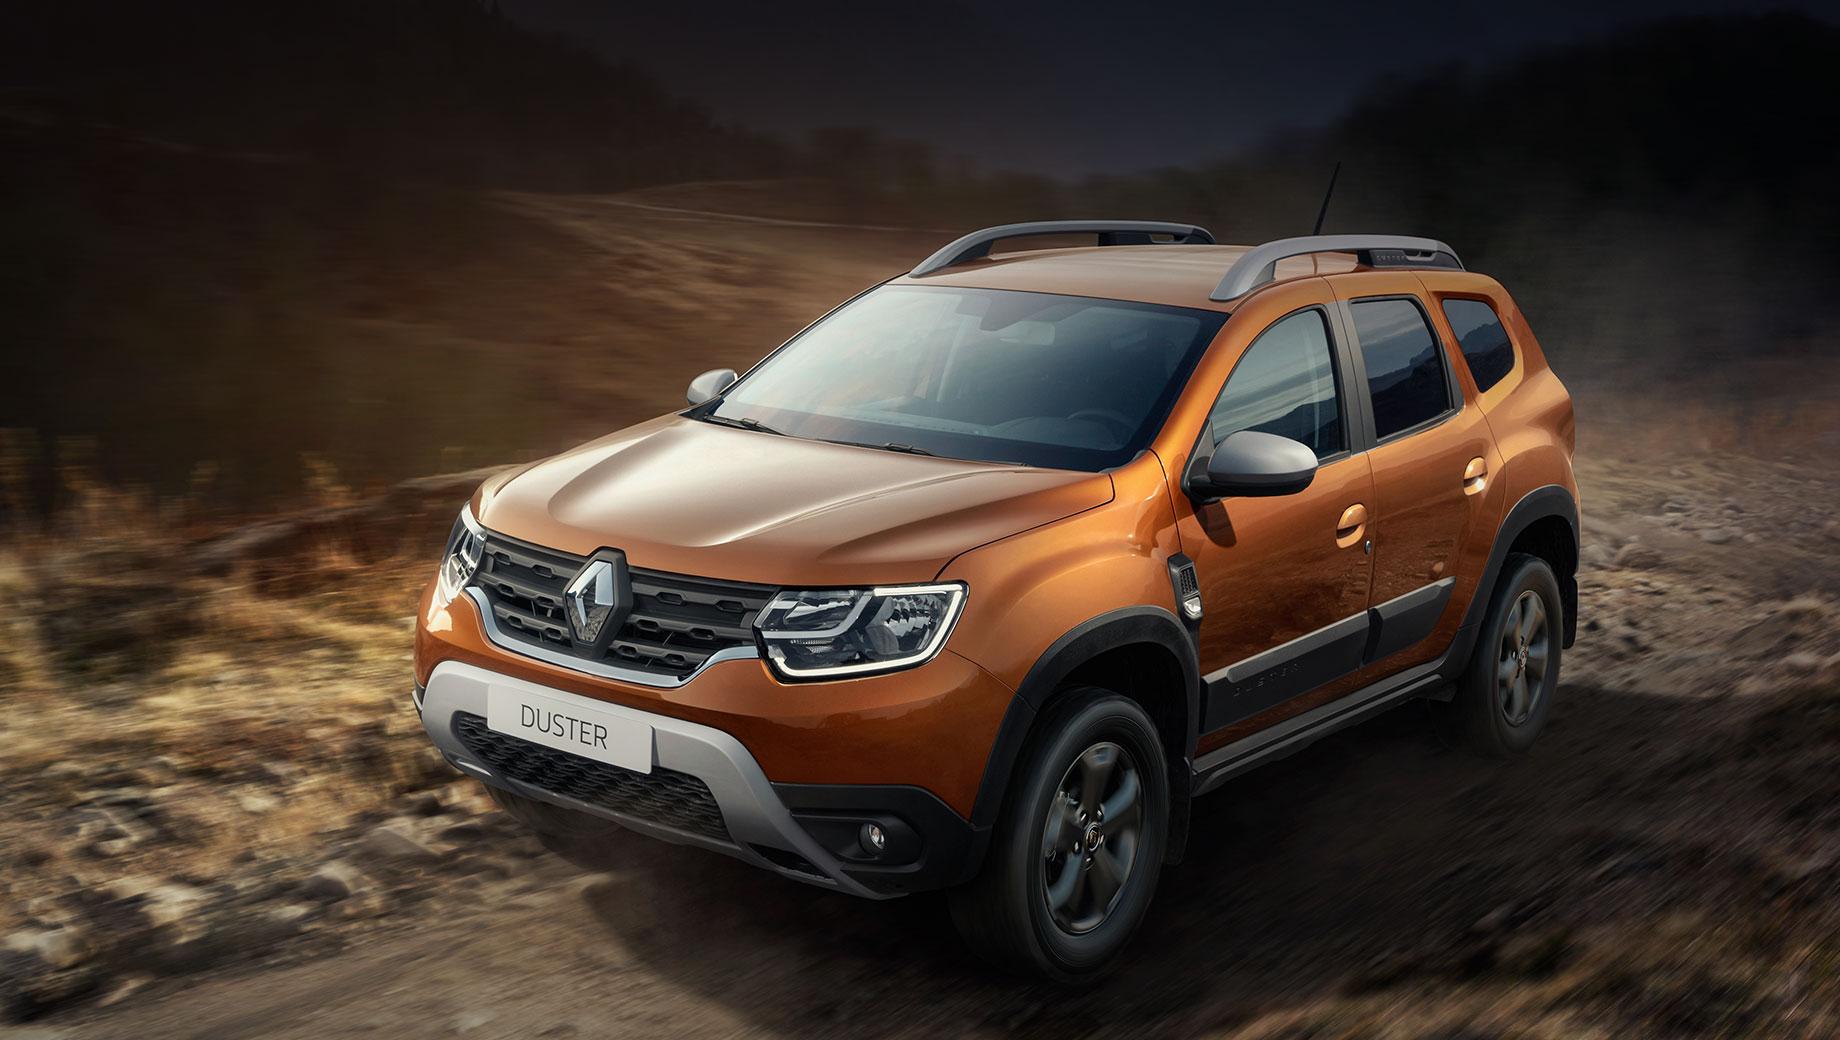 Renault duster. «Второй» Duster для других рынков появился ещё в 2017 году: сначала под маркой Dacia, а затем под брендом Renault. Дизайн нашего Дастера просто повторяет зарубежные образцы, а автором считается француз Жан-Филипп Салар, с января ставший шеф-дизайнером Лады.